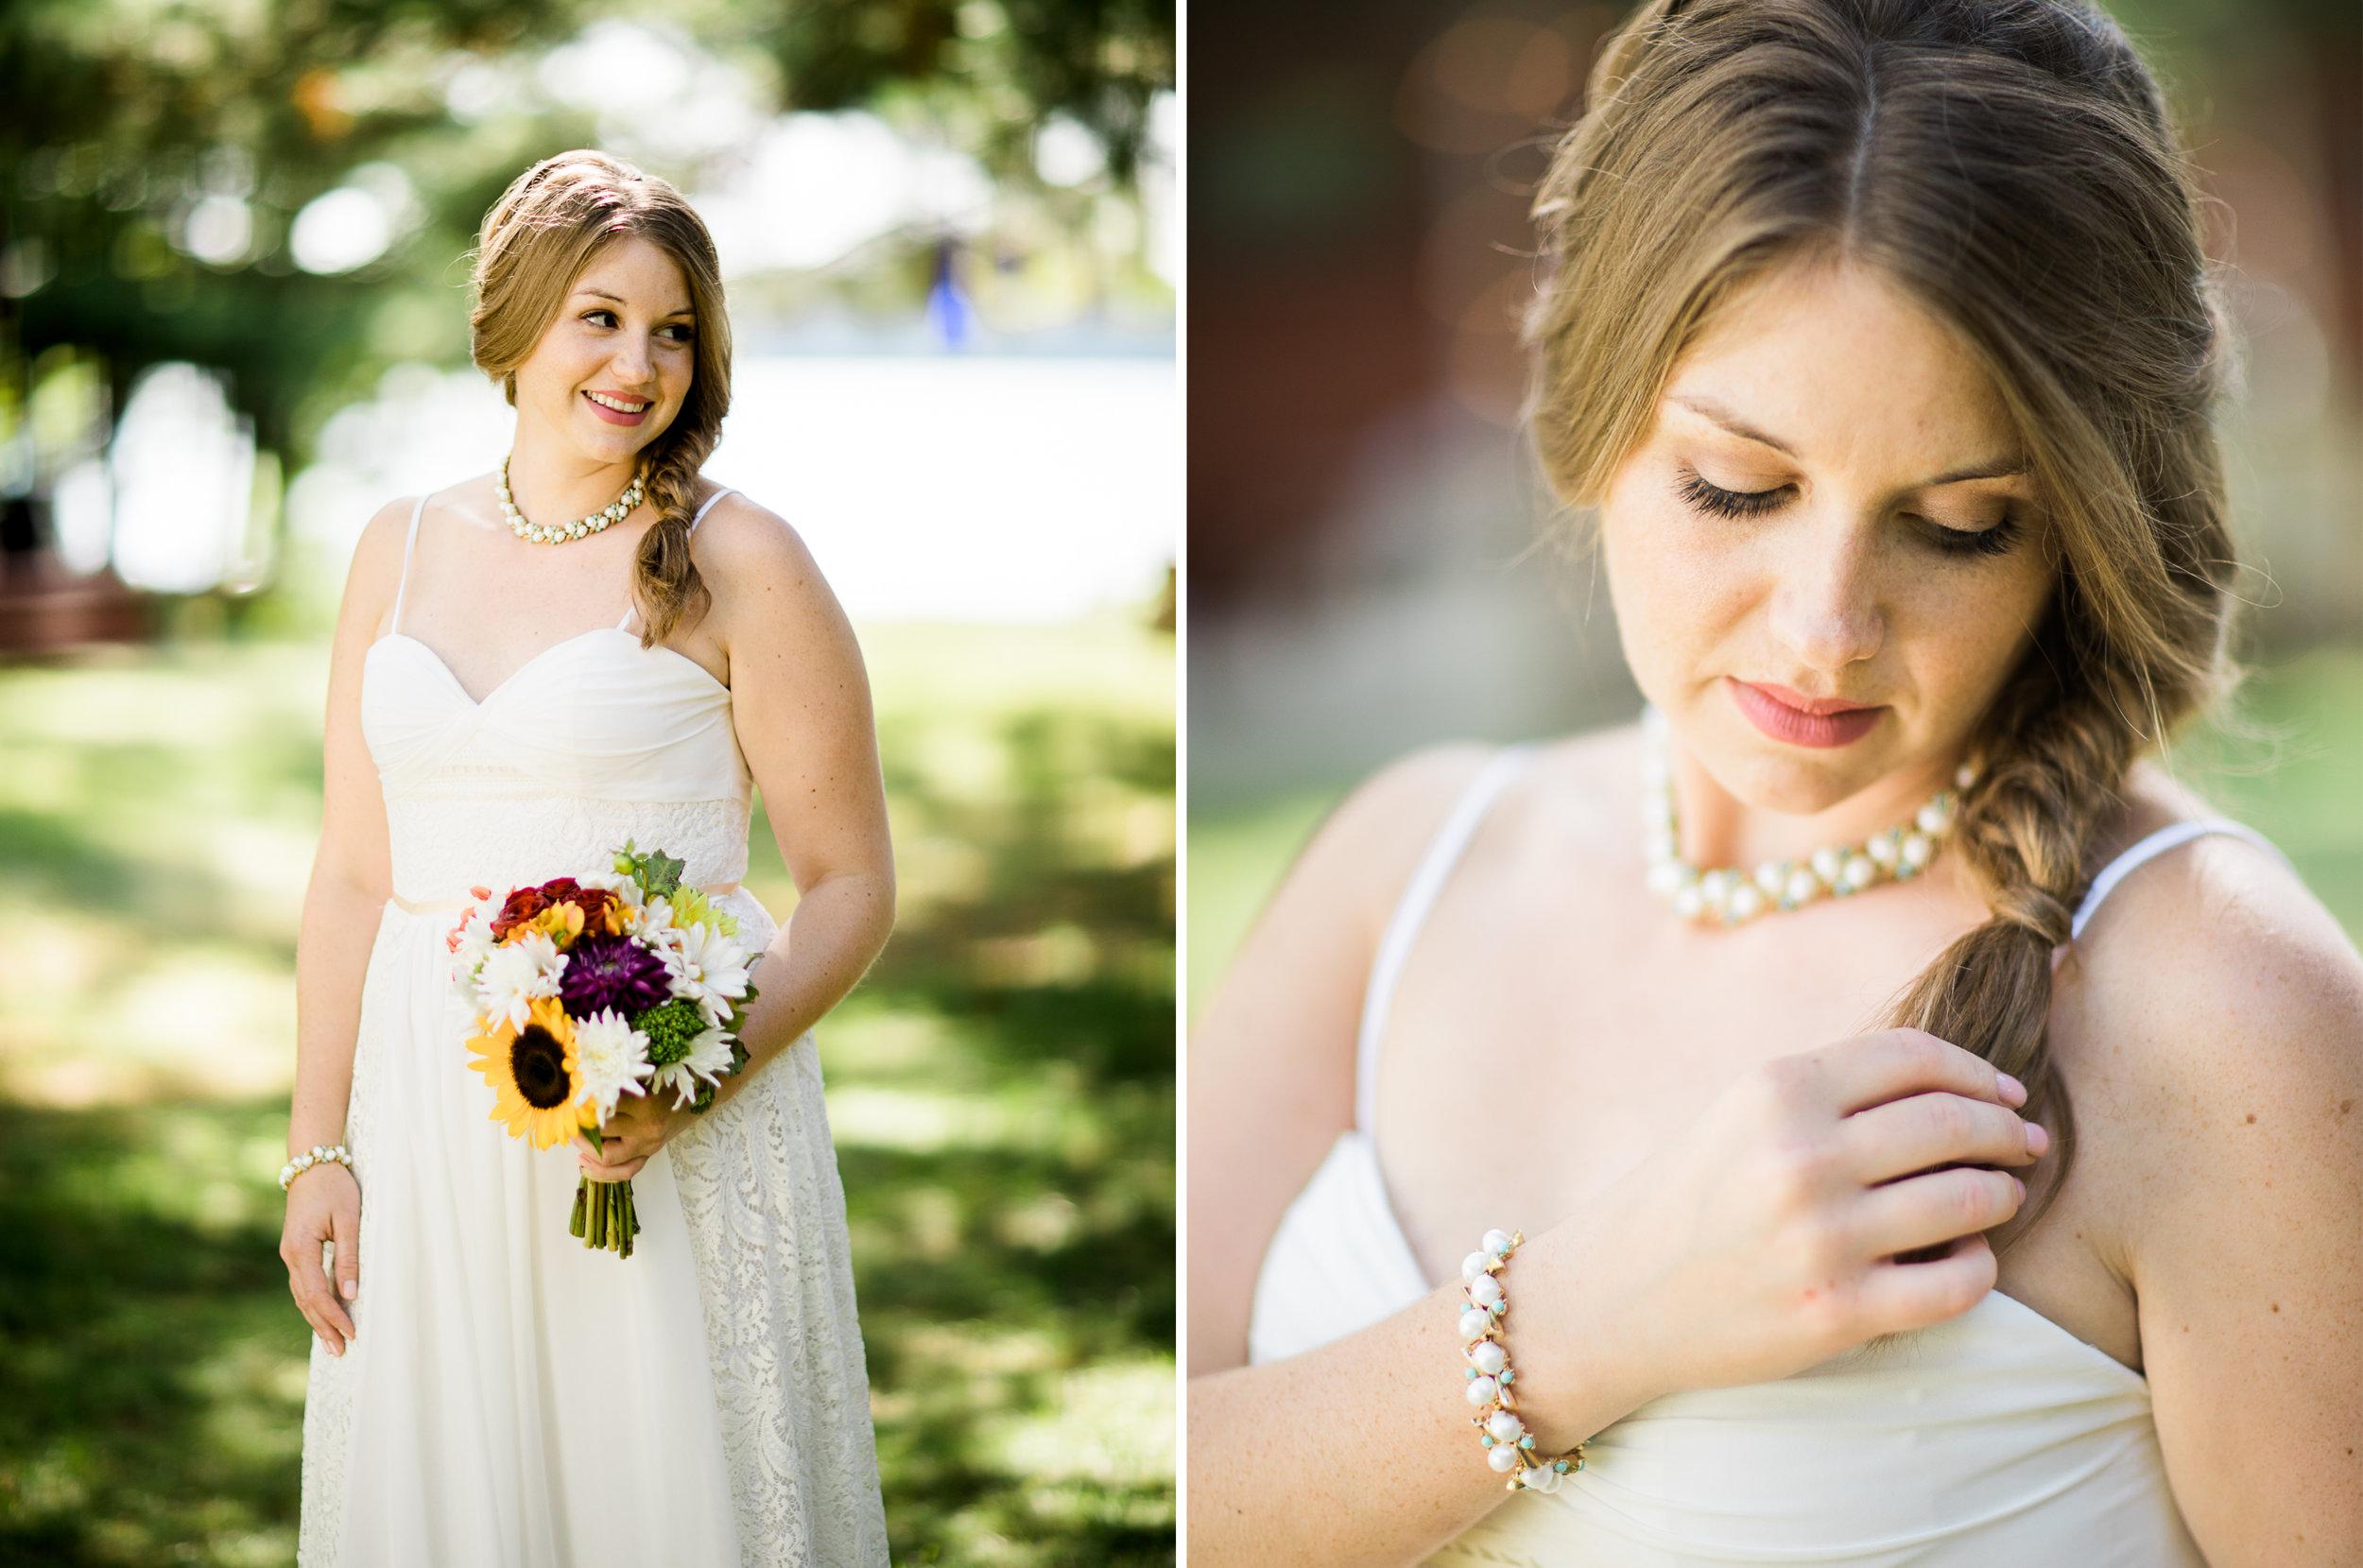 Bride destination wedding portraits at her Northern MN Cabin